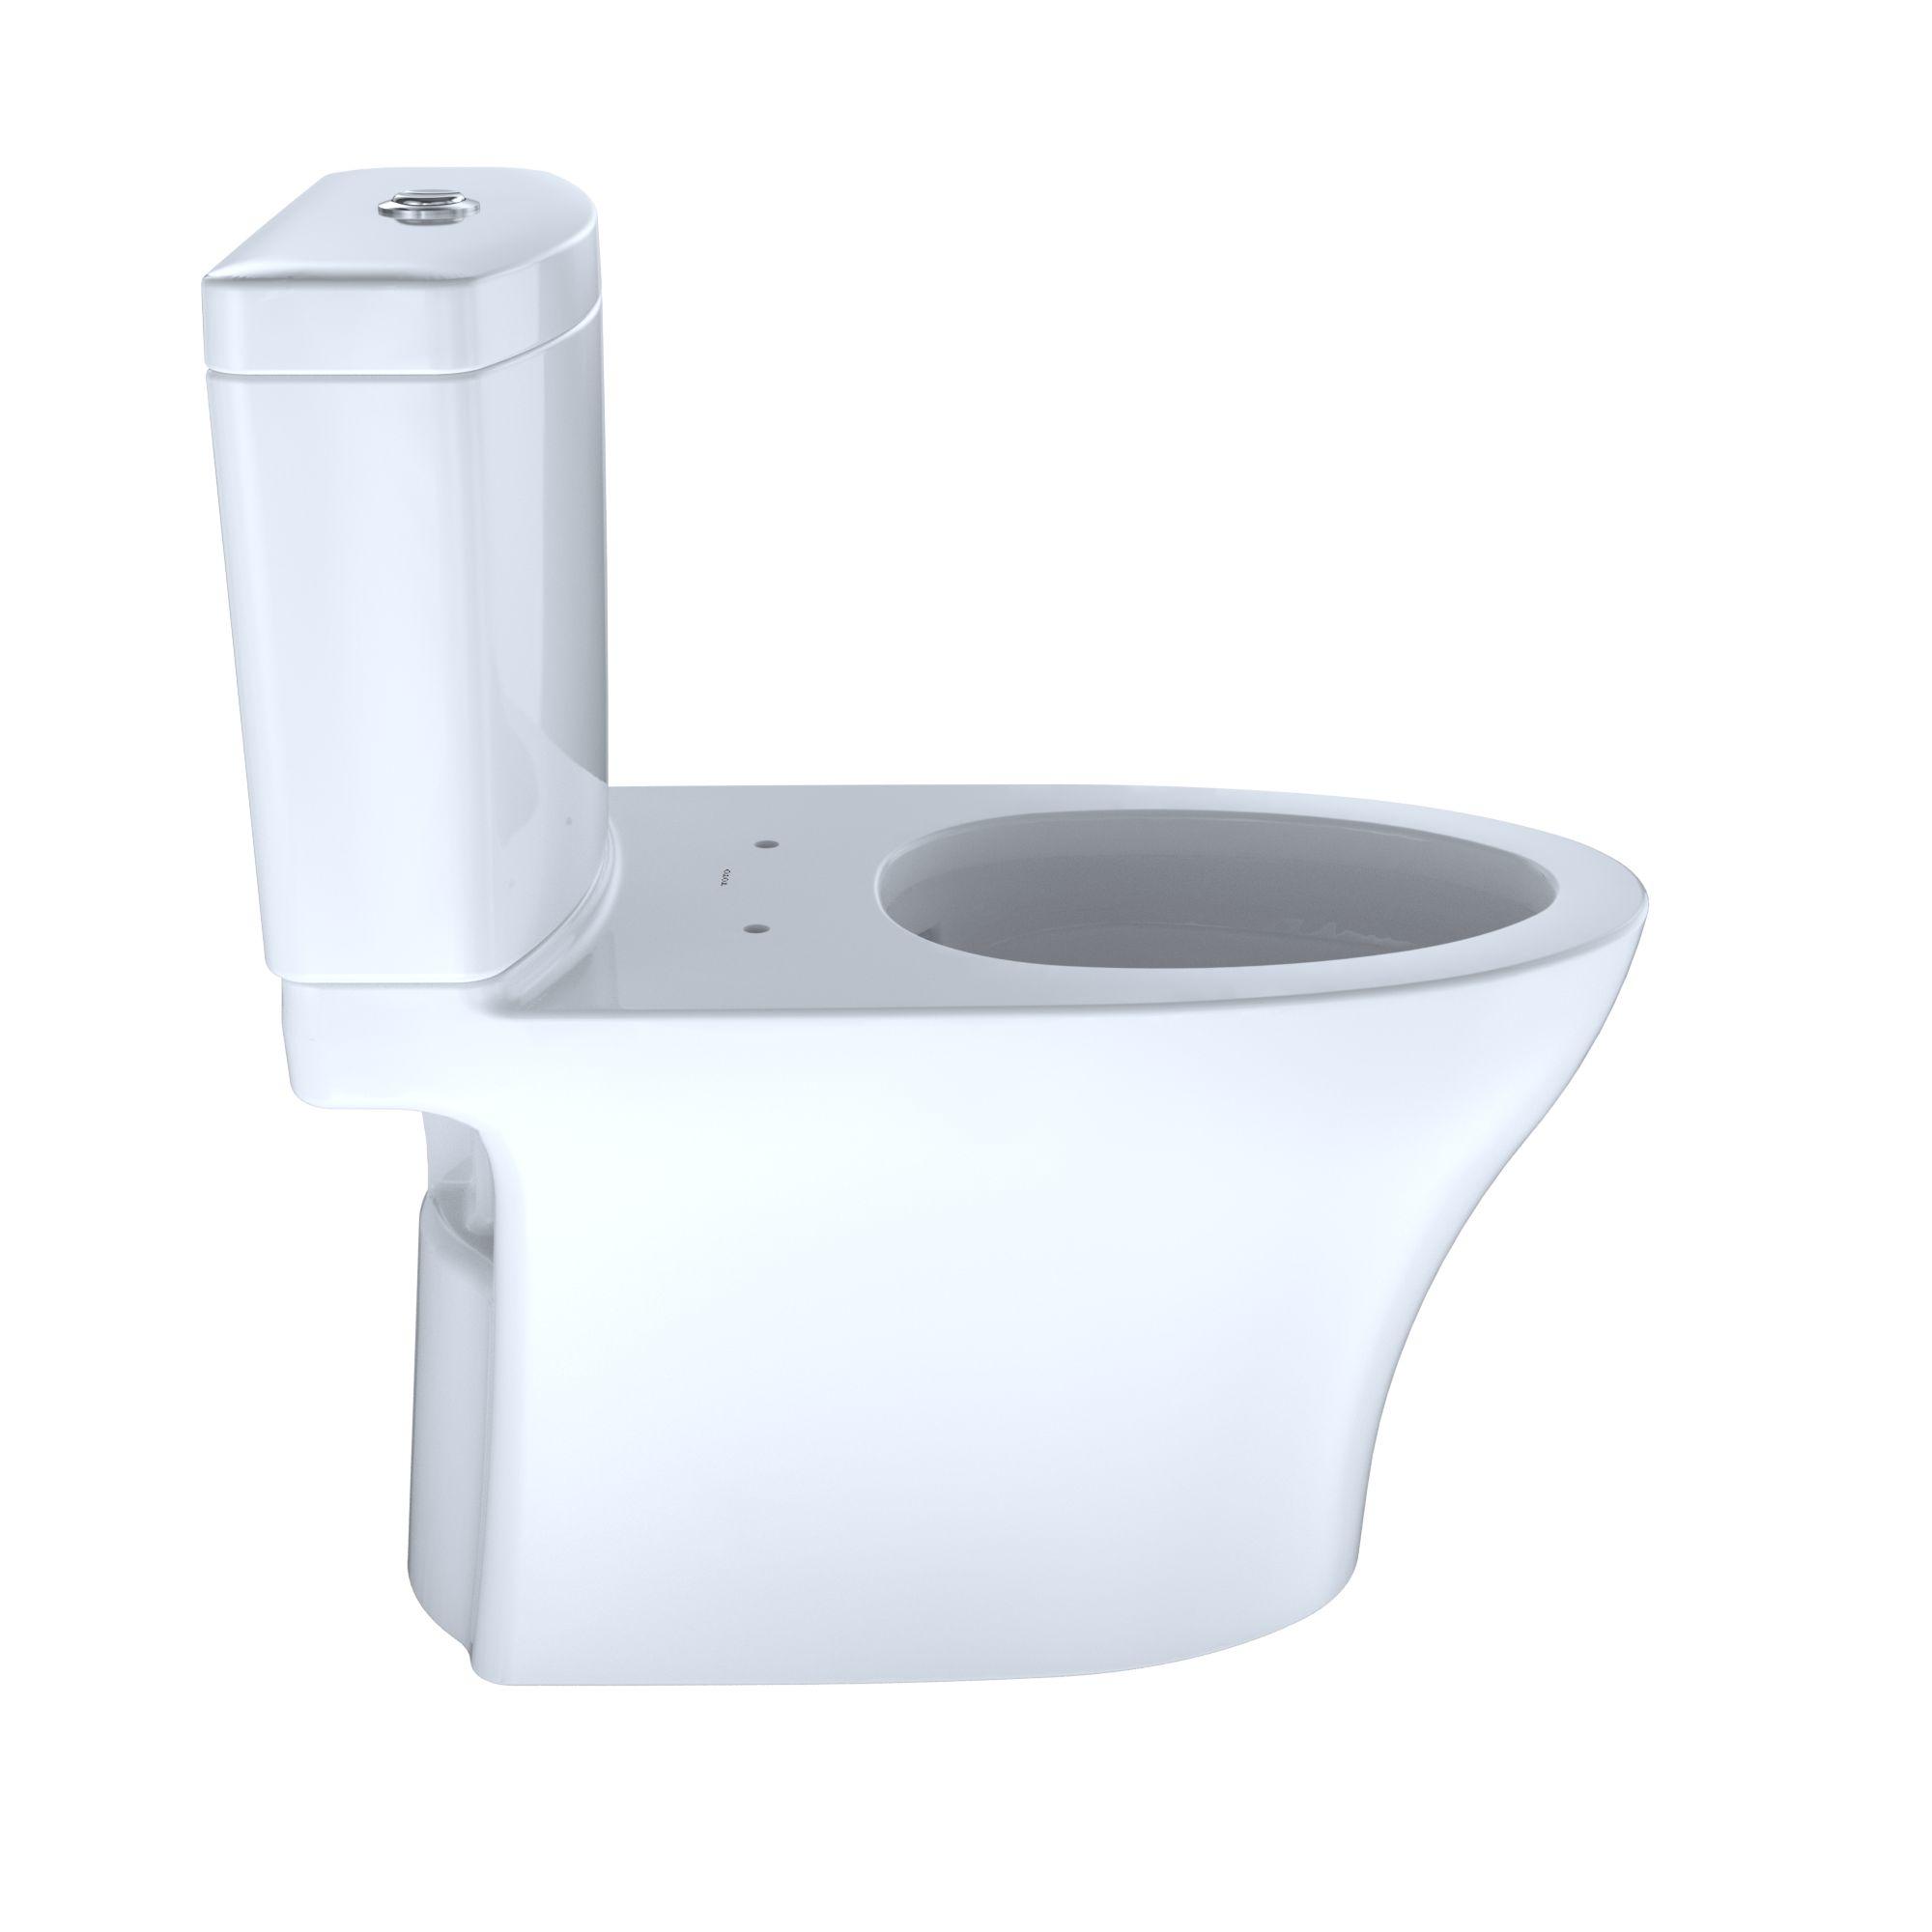 Toilette deux pièces Aquia® IV 1G – Washlet®+ S550e – 1,0 gpc et 0,8 ...